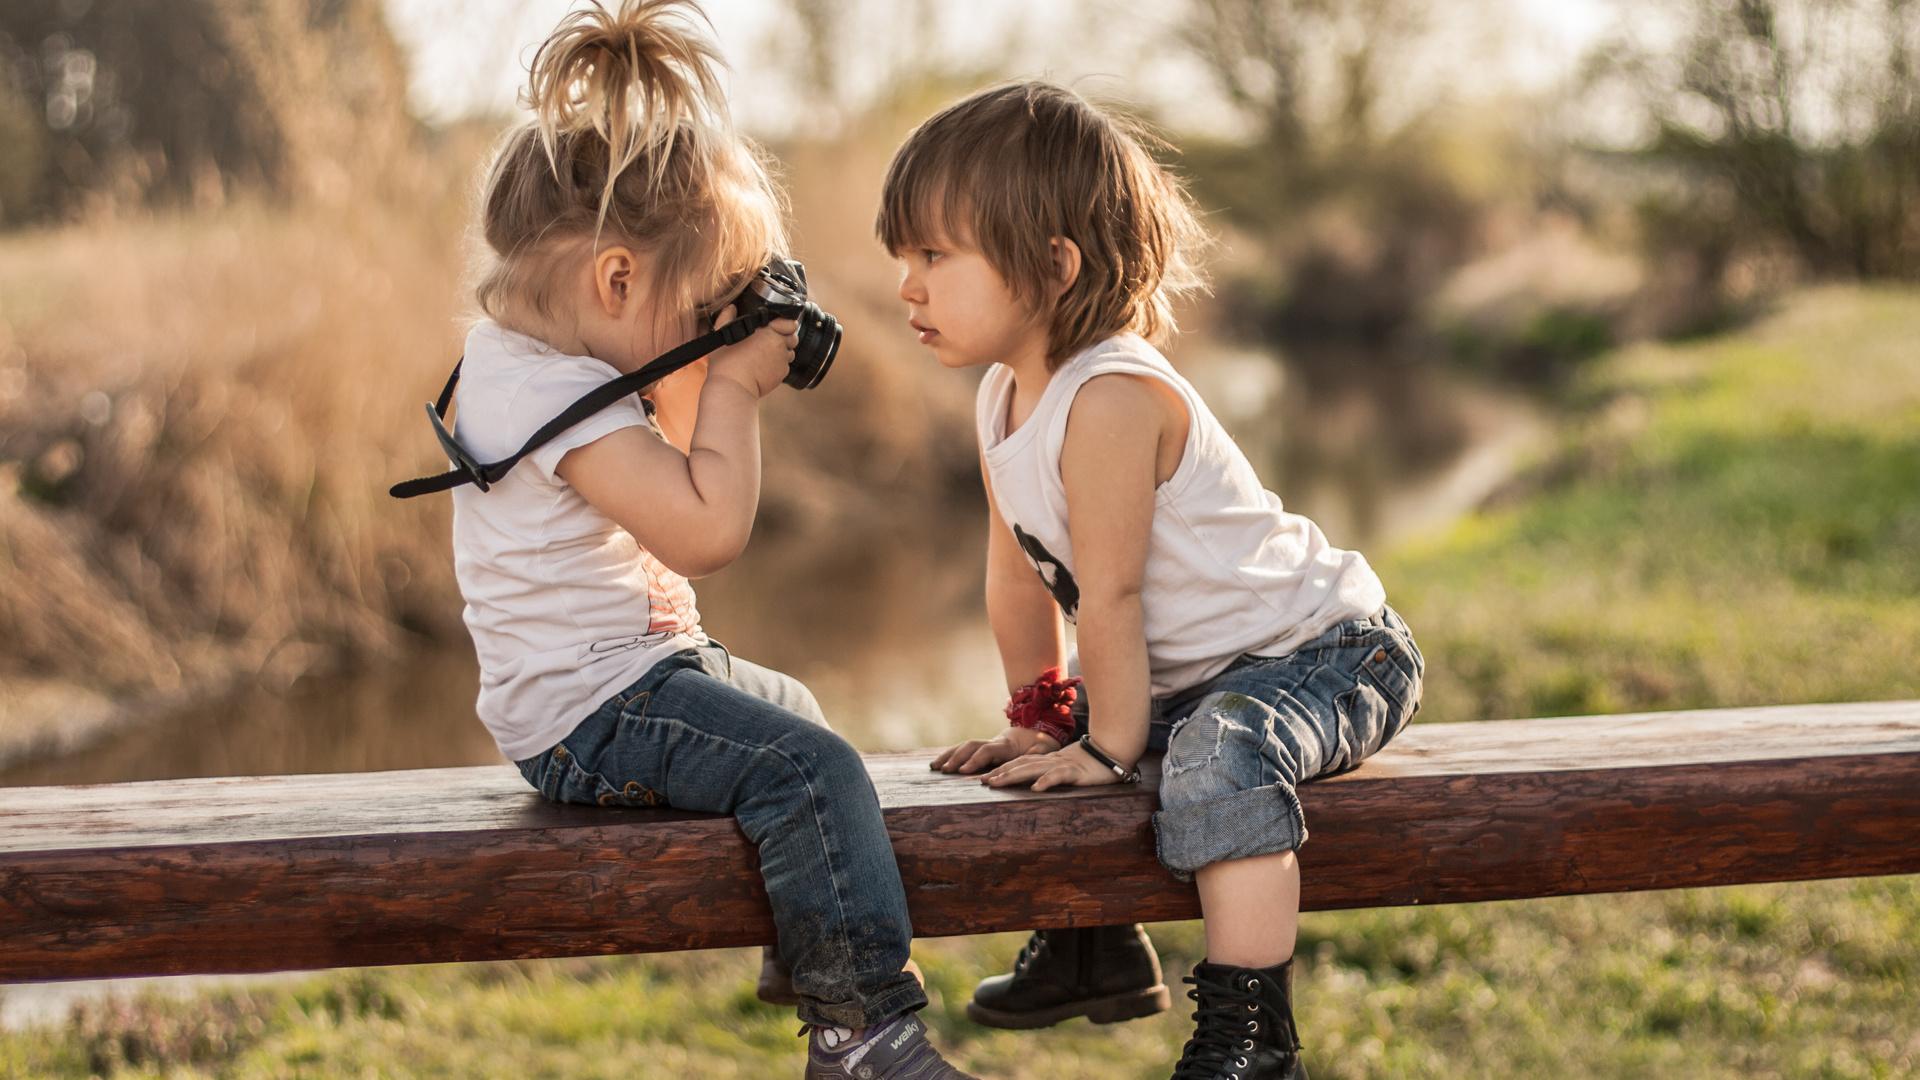 картинки несчастная дружба именно